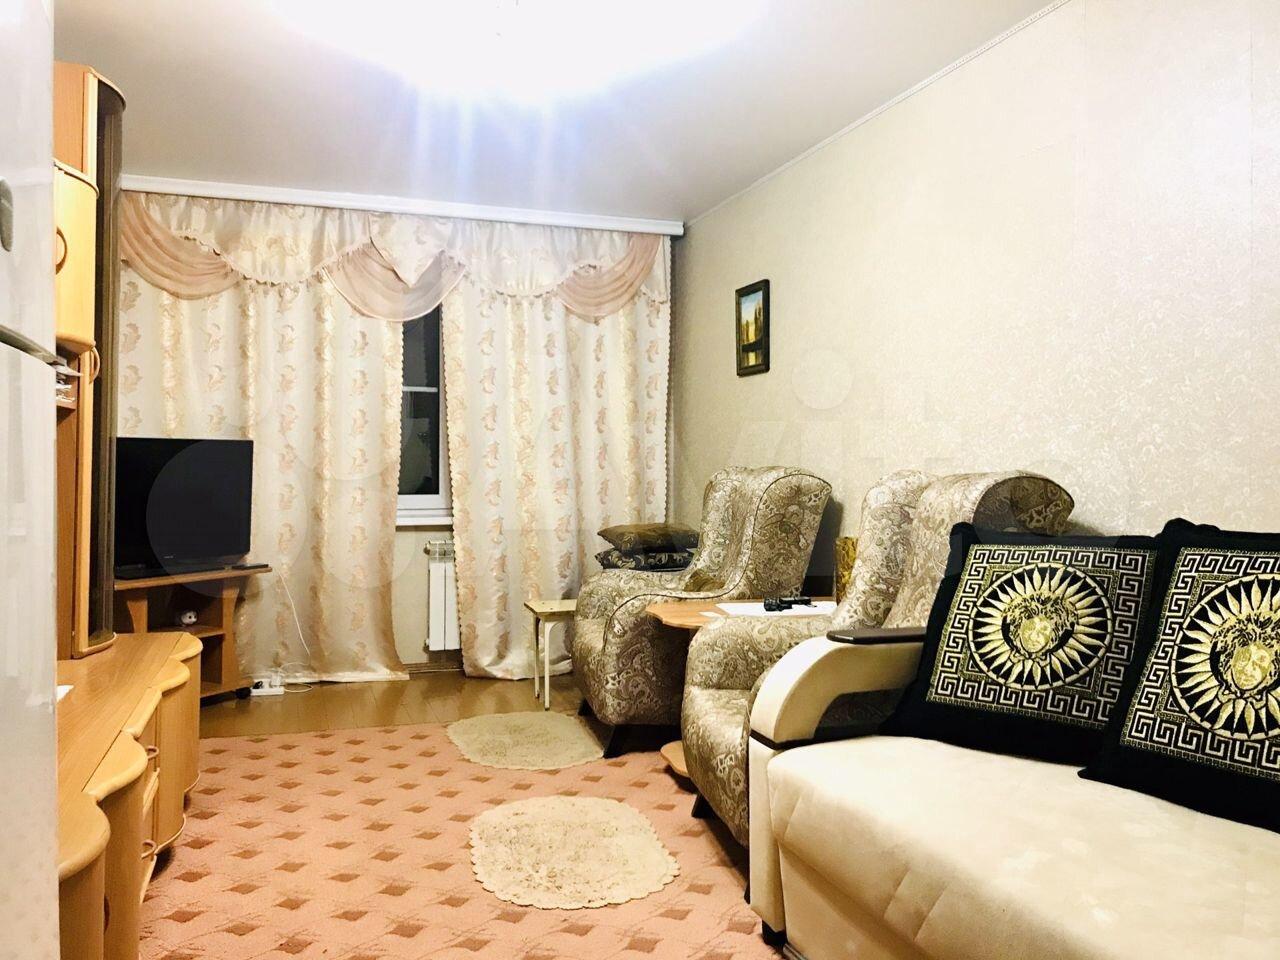 3-к квартира, 65.8 м², 6/9 эт.  89145446986 купить 1